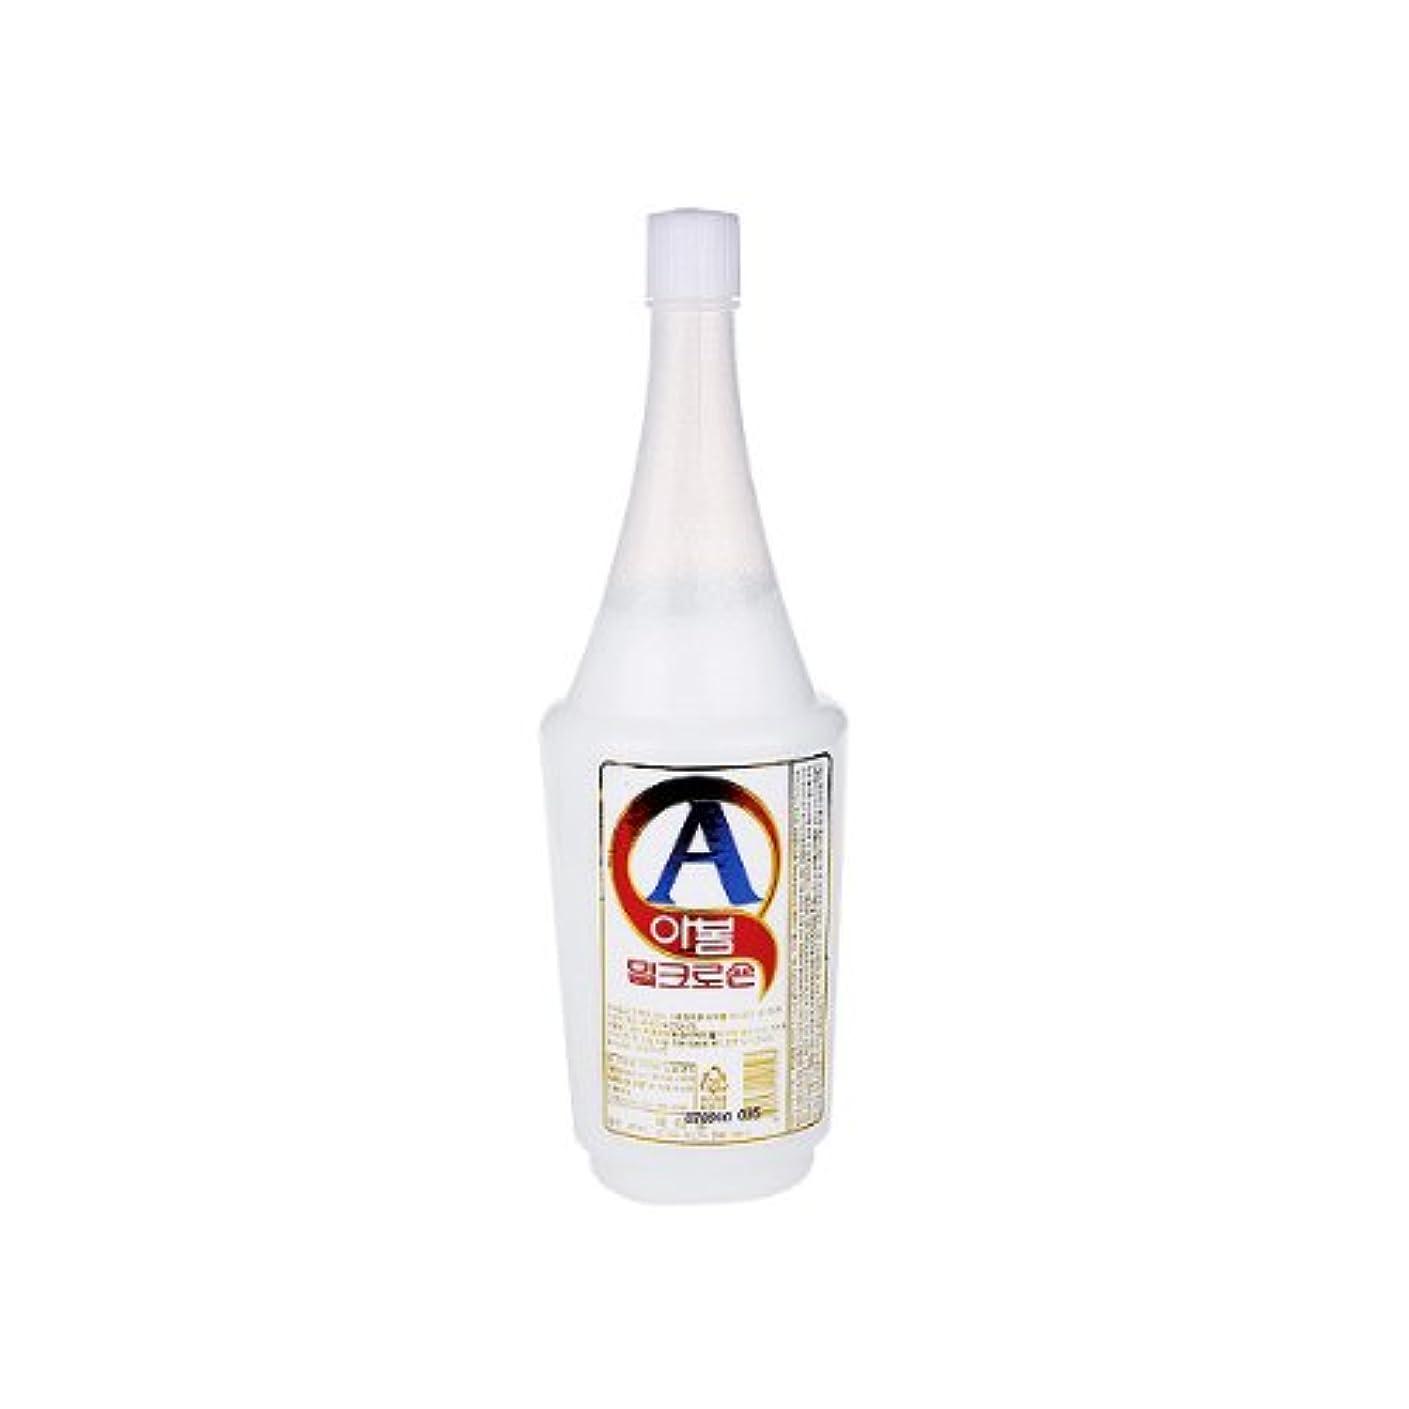 今晩鎮痛剤子孫アボム ミルクローション 450ml マッサージ用 乳液 業務用